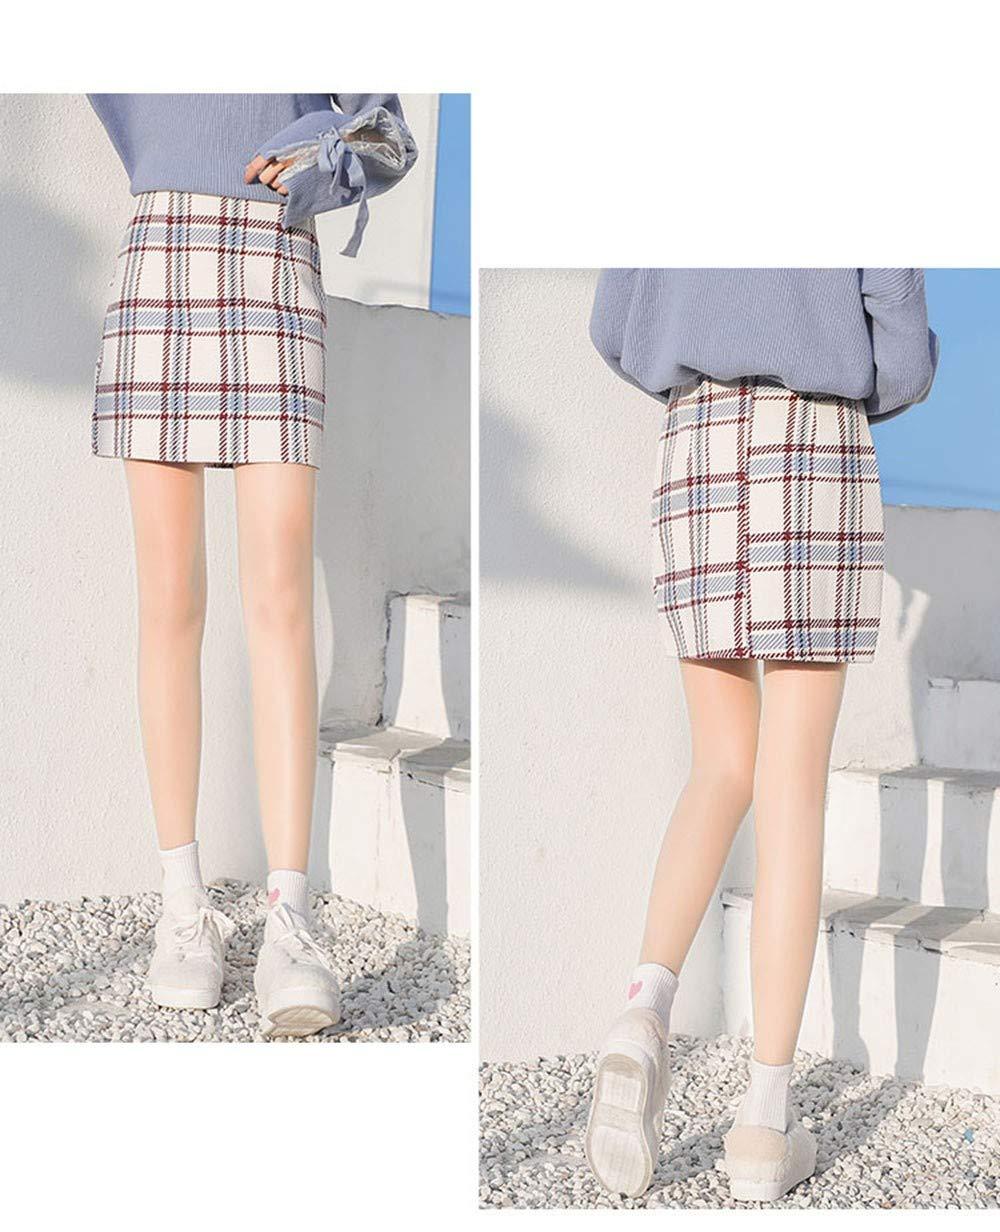 053f38364a SWOVQ Falda Lápiz Mini Falda De Cintura Alta para Mujer Otoño Invierno 3  Colores A Line Falda A Cuadros Falda Corta para Mujer